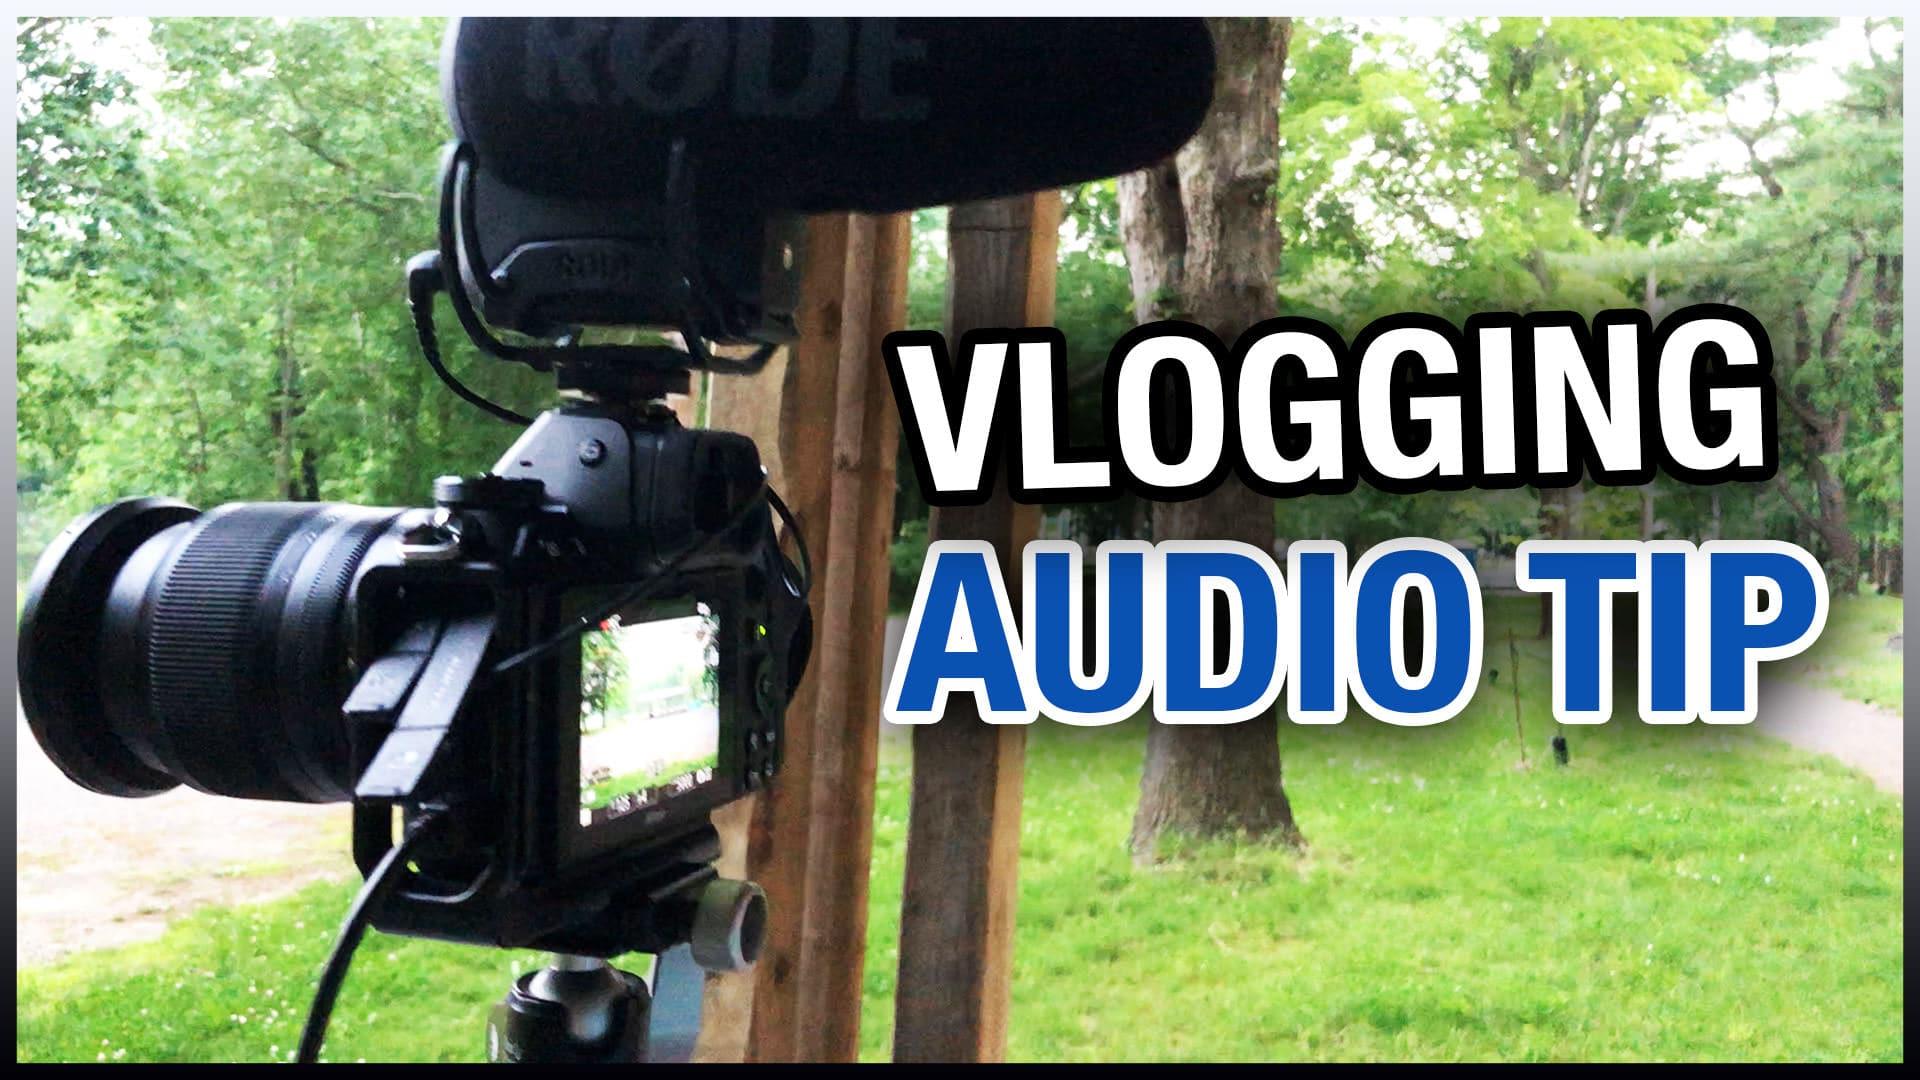 Microphones for Vlogging – Vlogging Audio Tip